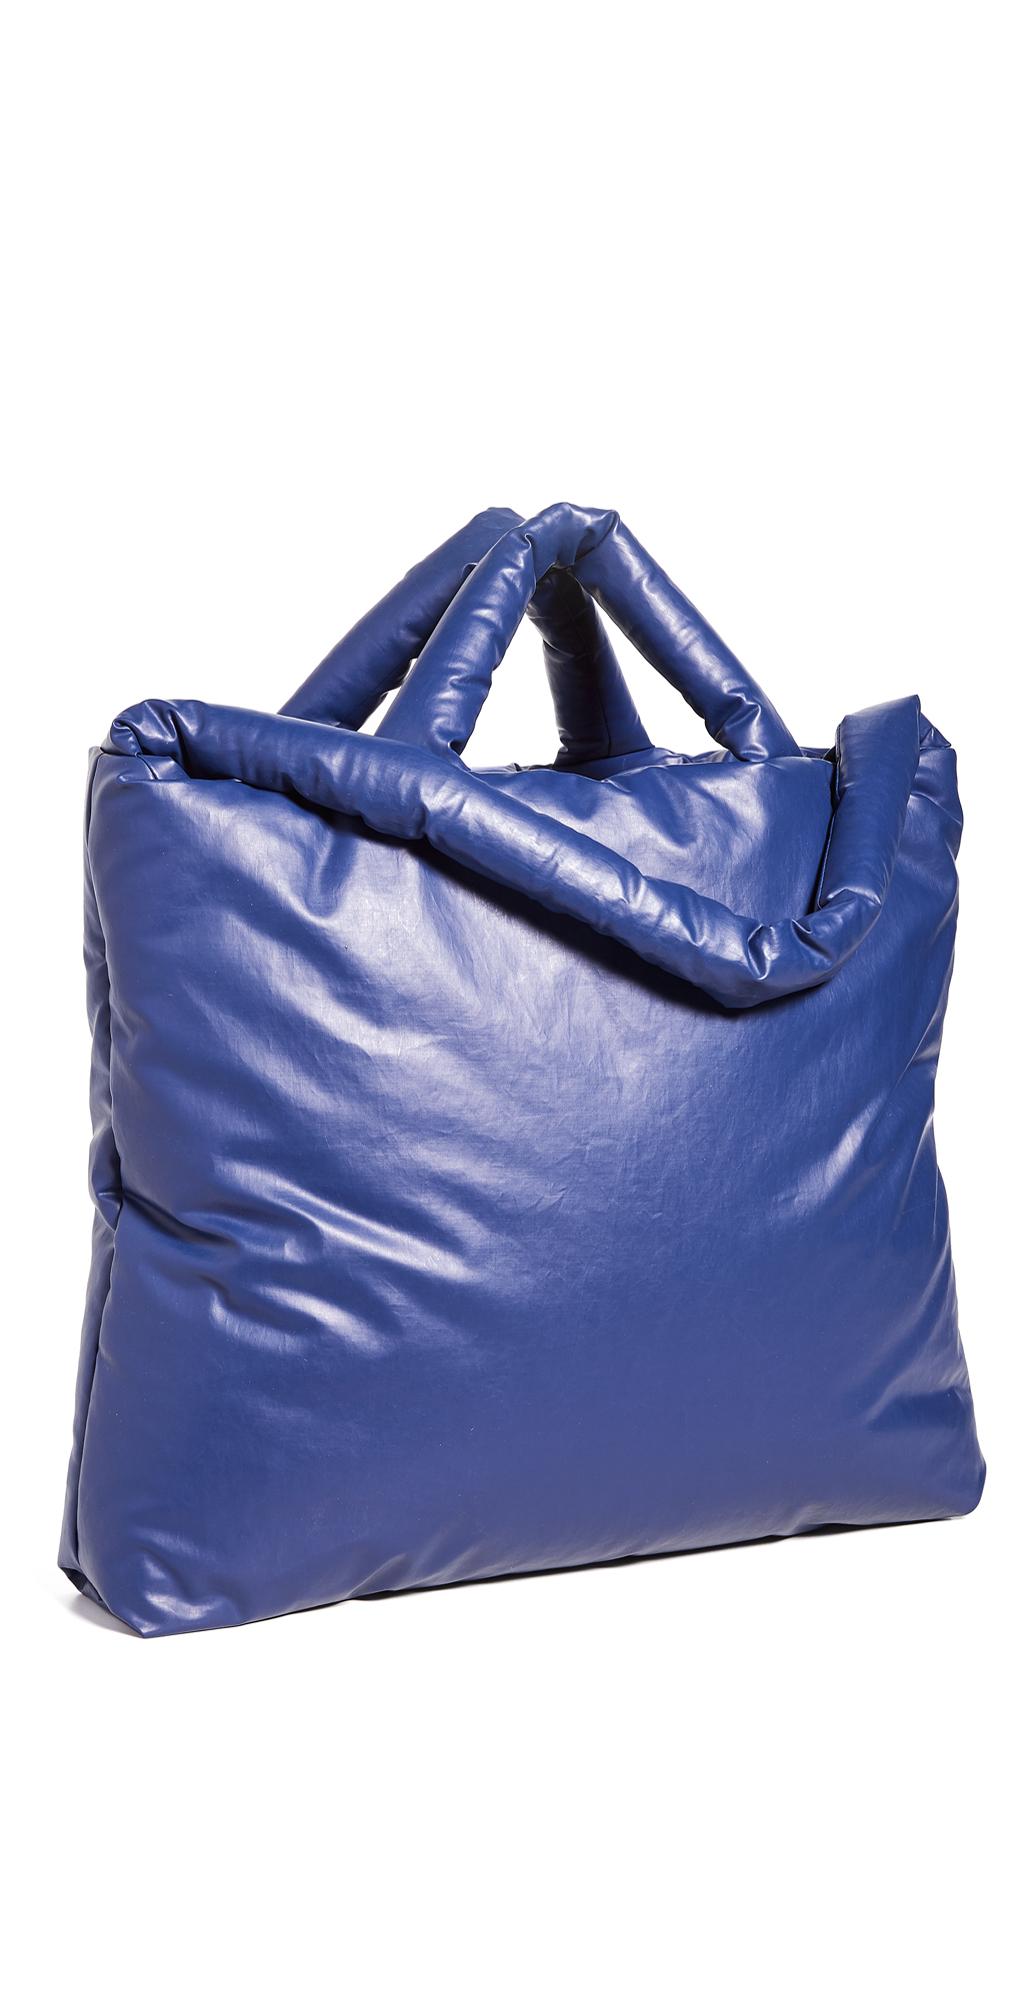 Large Oil Bag